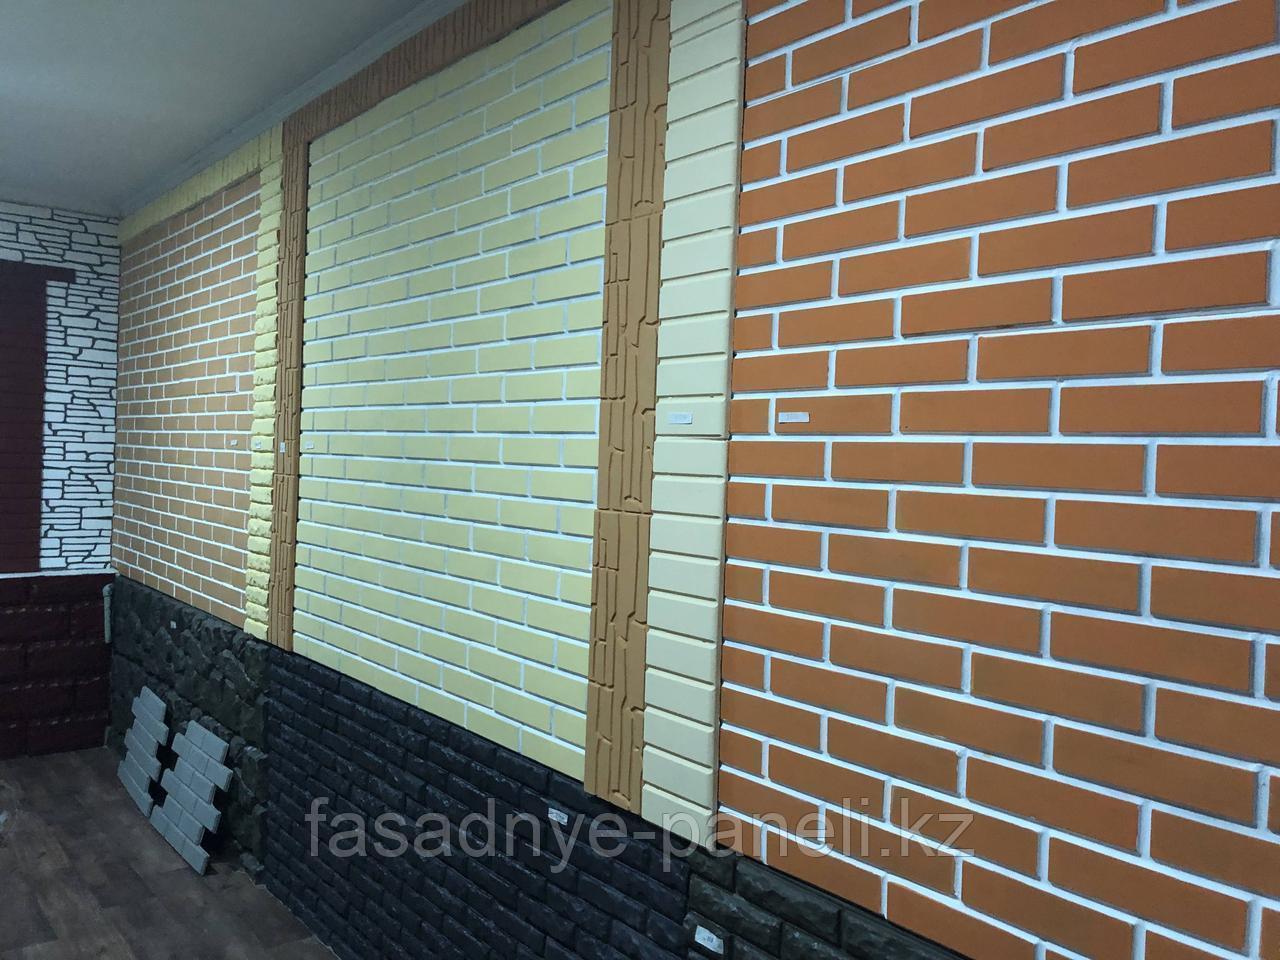 Фасадные панели для коттеджей с утеплителем 30-50 мм - фото 7